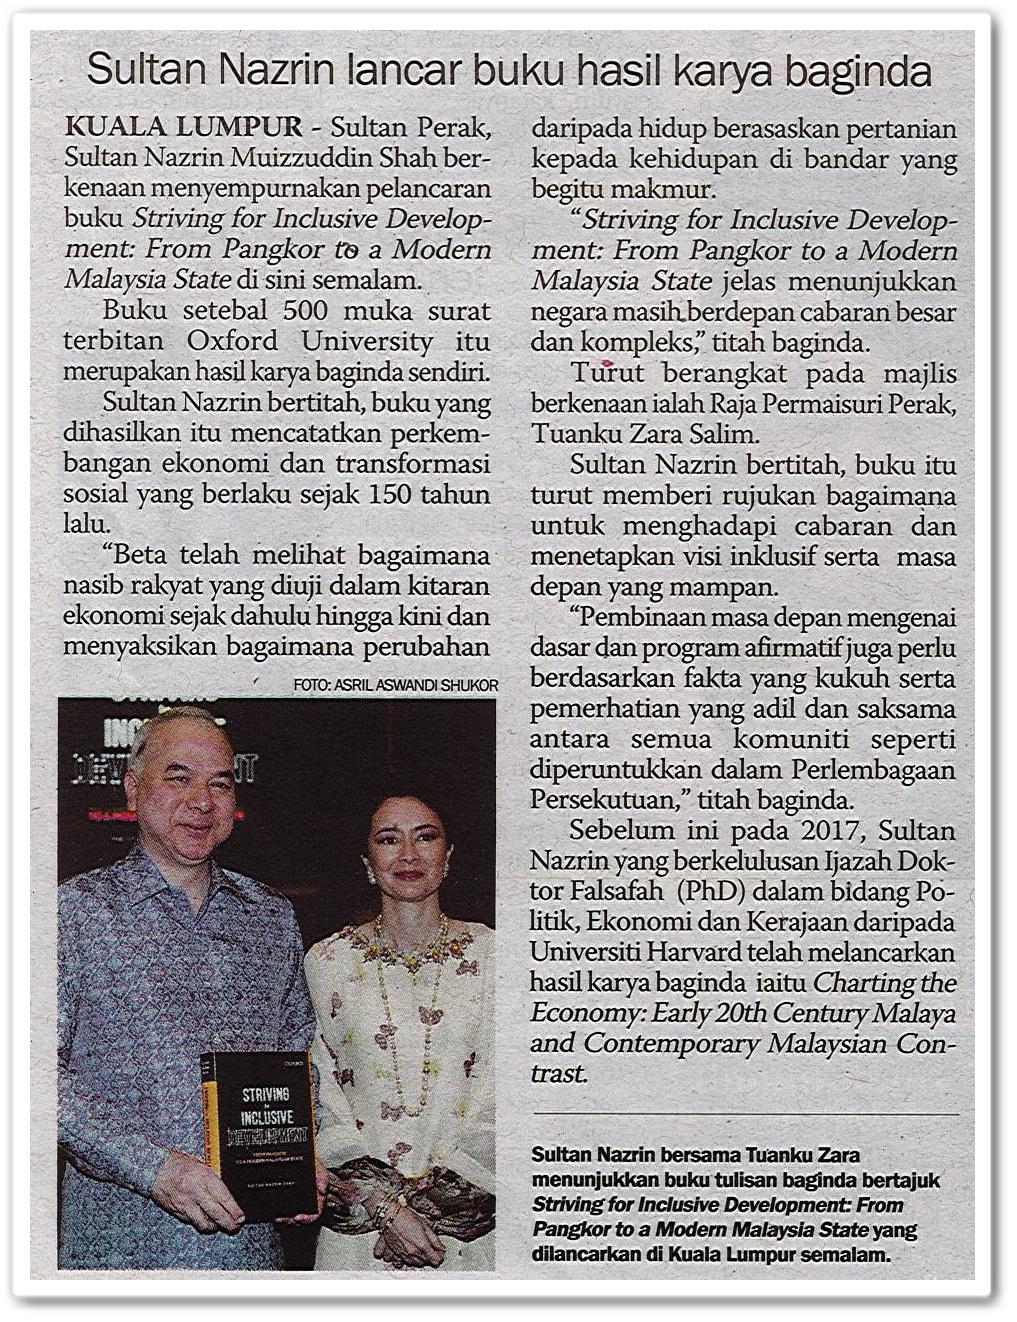 Sultan Nazrin lancar buku hasil karya baginda - Keratan akhbar Sinar Harian 15 Julai 2019